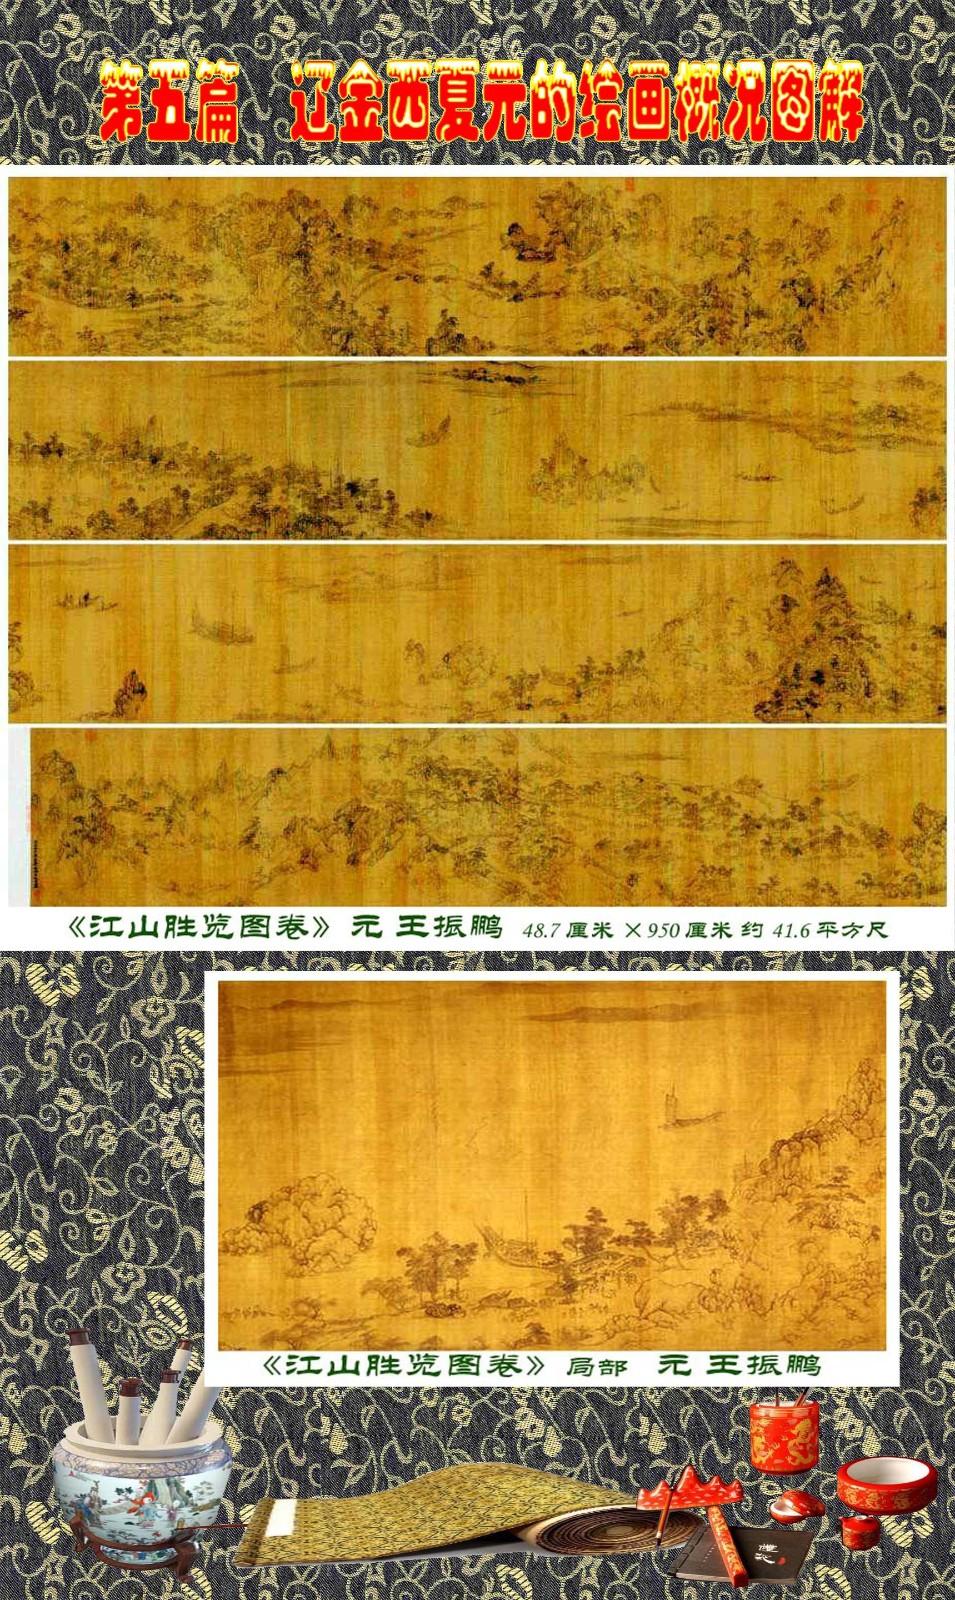 顾绍骅编辑 中国画知识普及版 第五篇 辽金西夏元的绘画概况 下 ... ..._图1-49